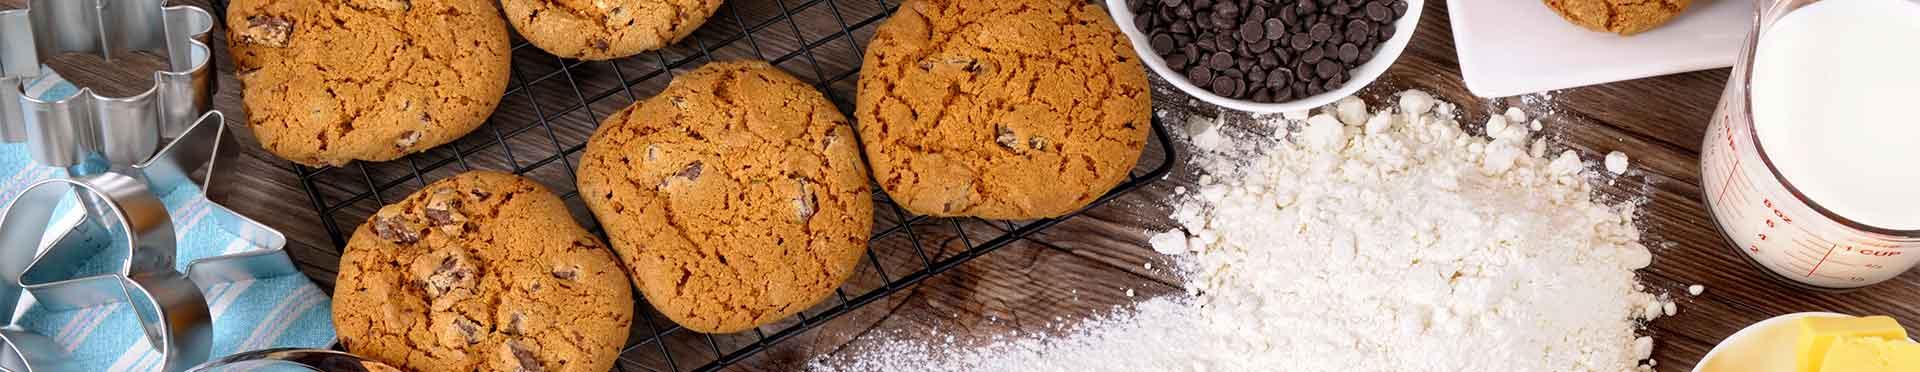 Implementar el IFS Foods a una pastelería de galletas